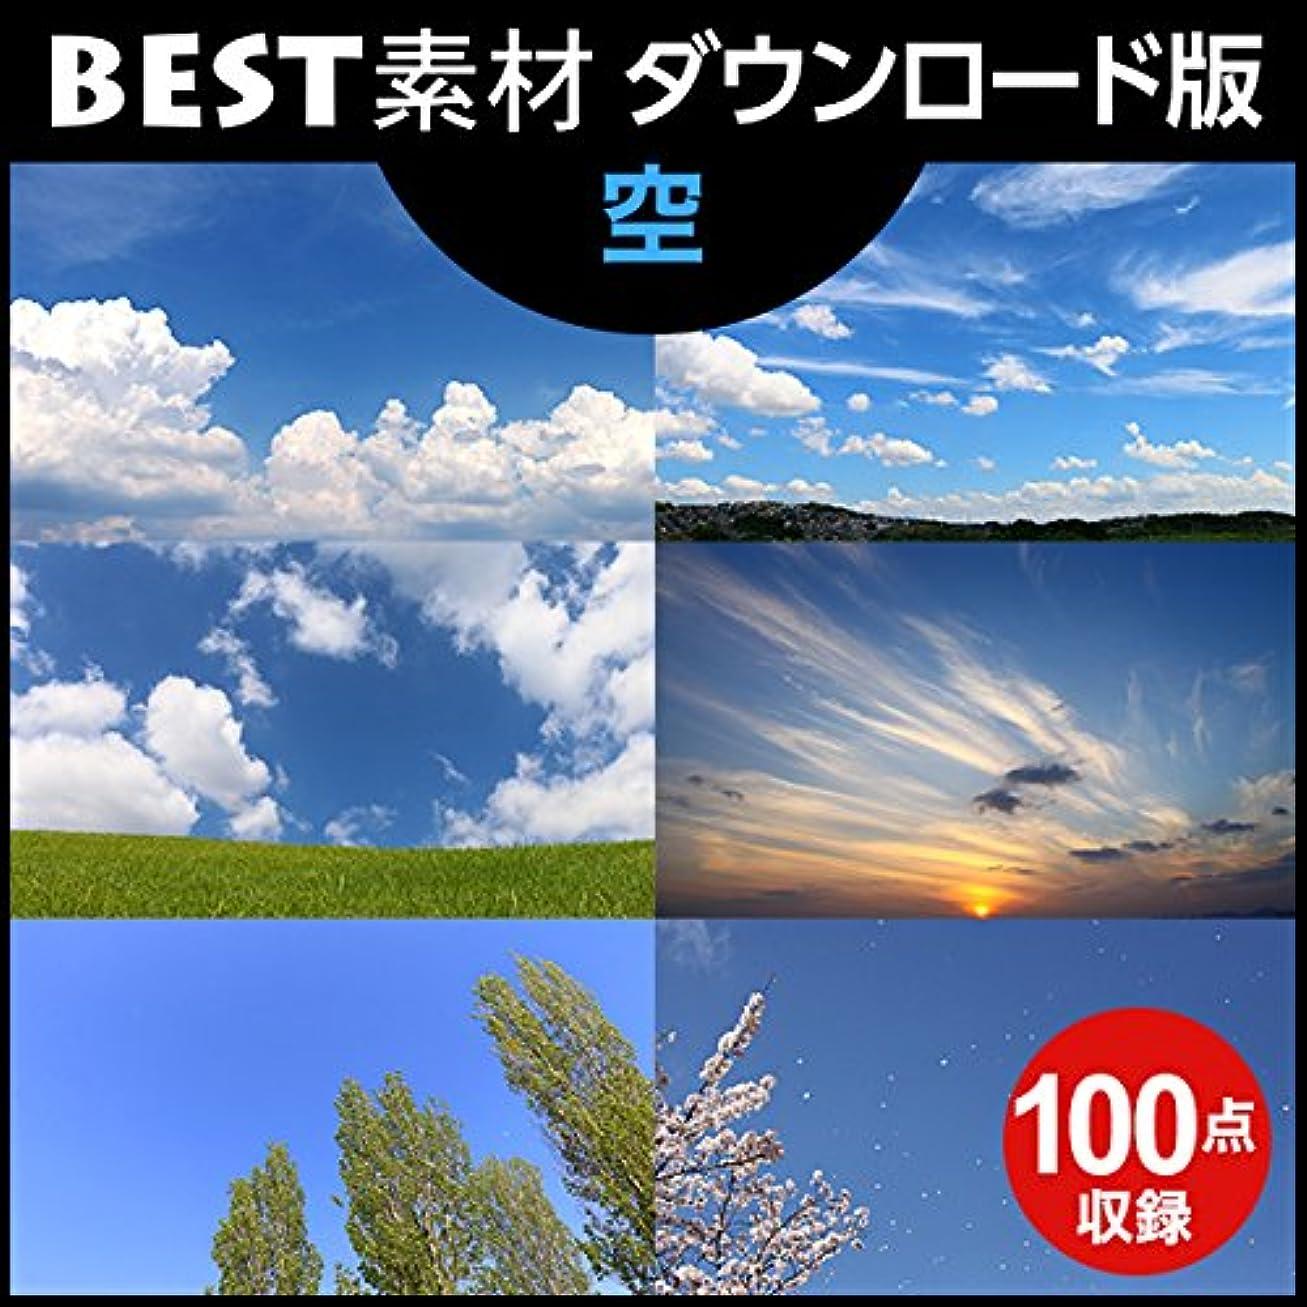 【BEST素材】空|ダウンロード版